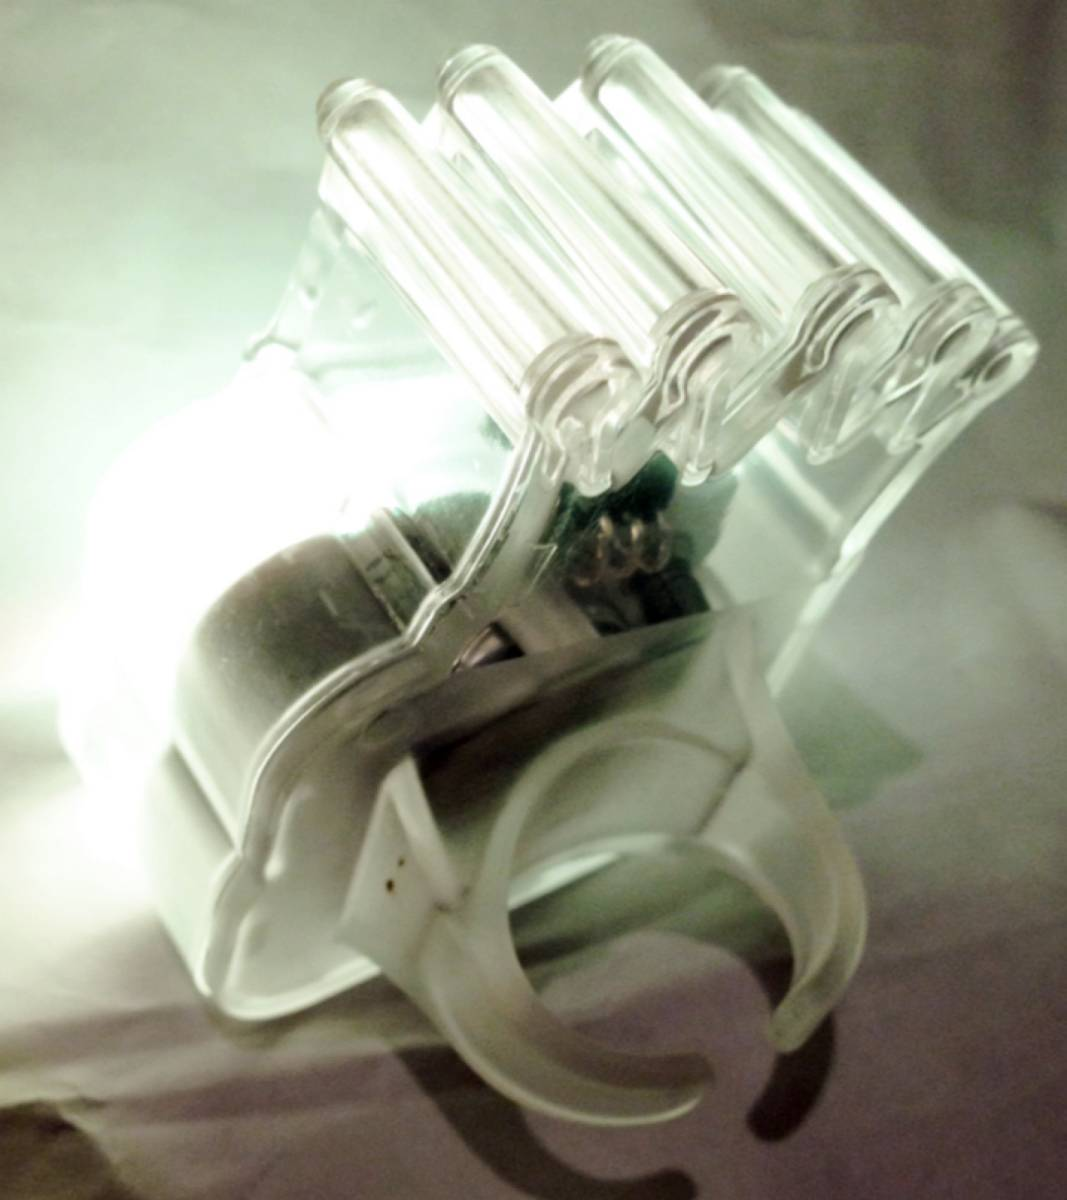 KPOP BIGBANG 指輪型ライト グッズ ペンライト 点灯確認済_指輪型